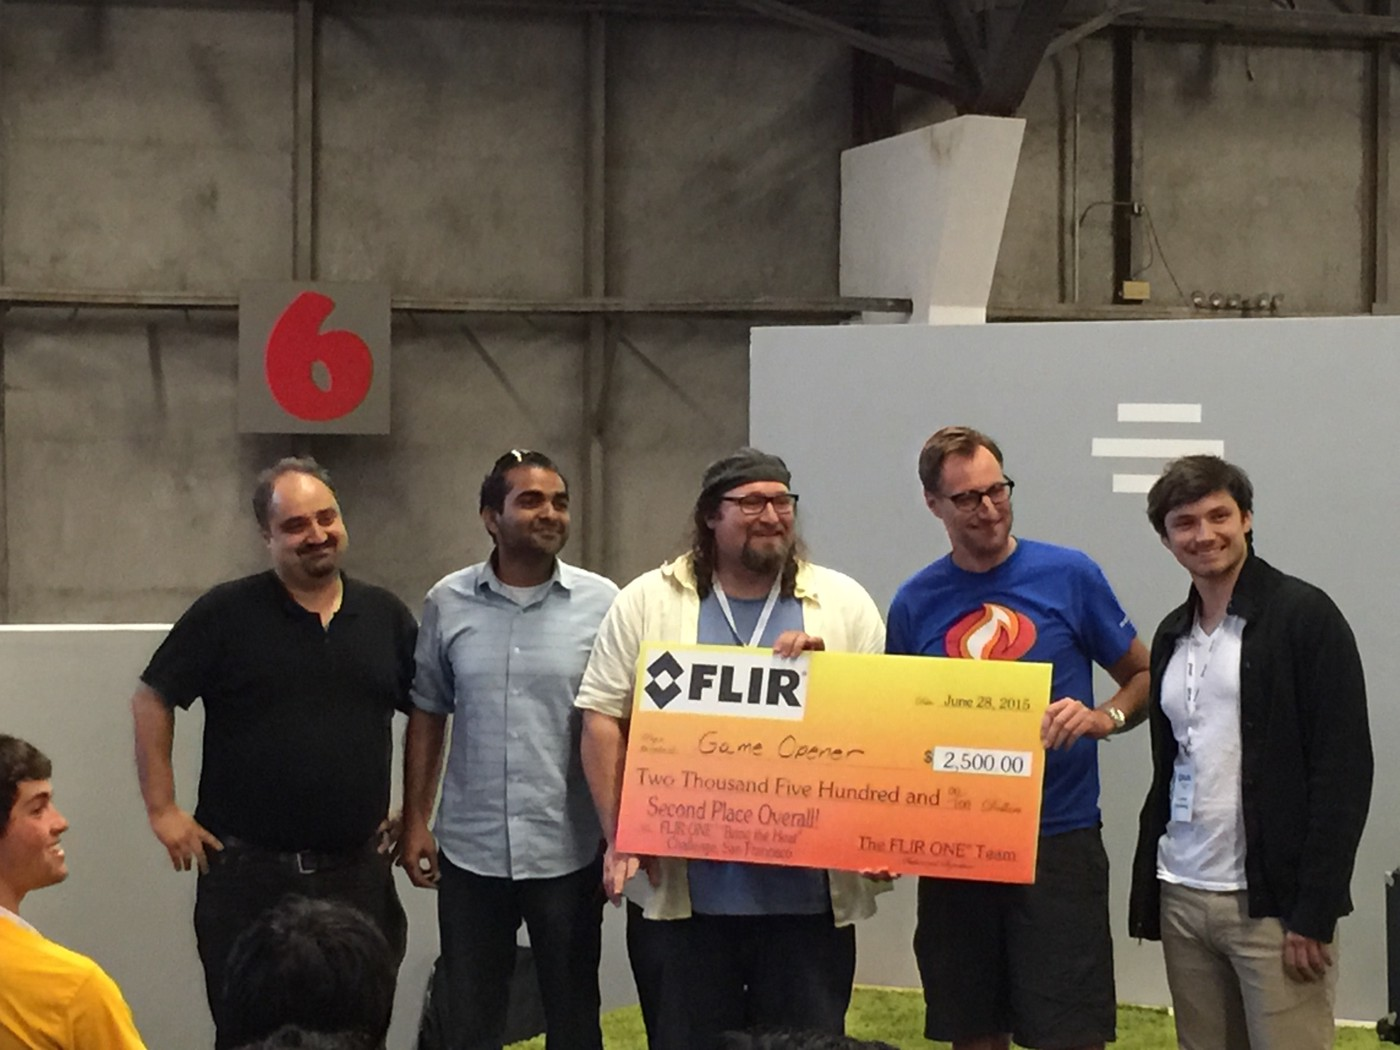 Winners of the FLIR hackathon